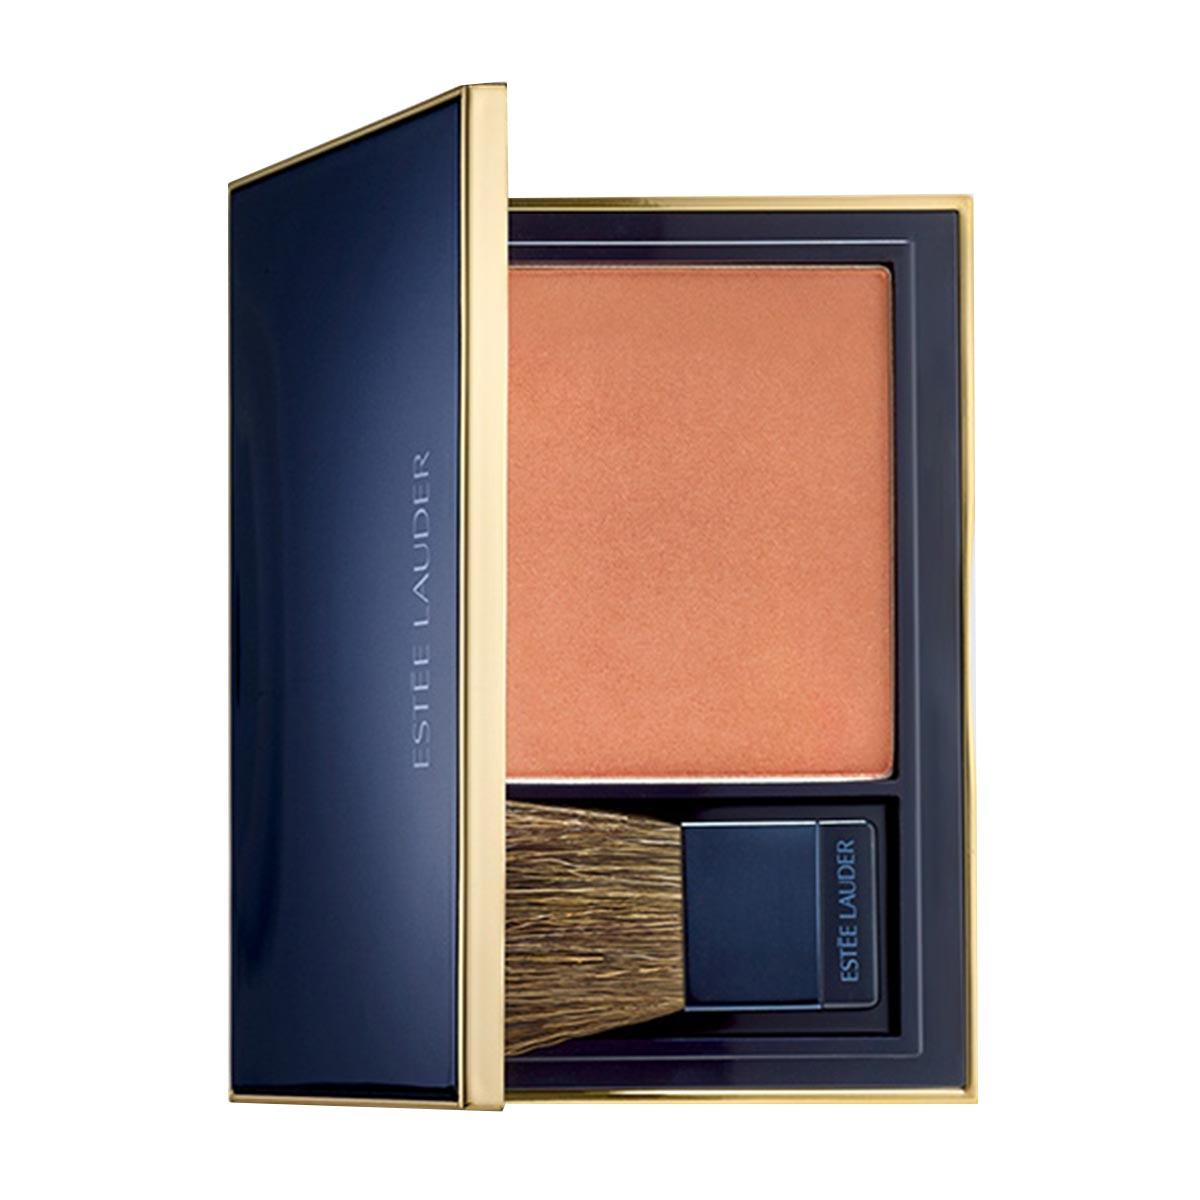 Estee lauder pure color envy sculpting blush 110 brazen bronze